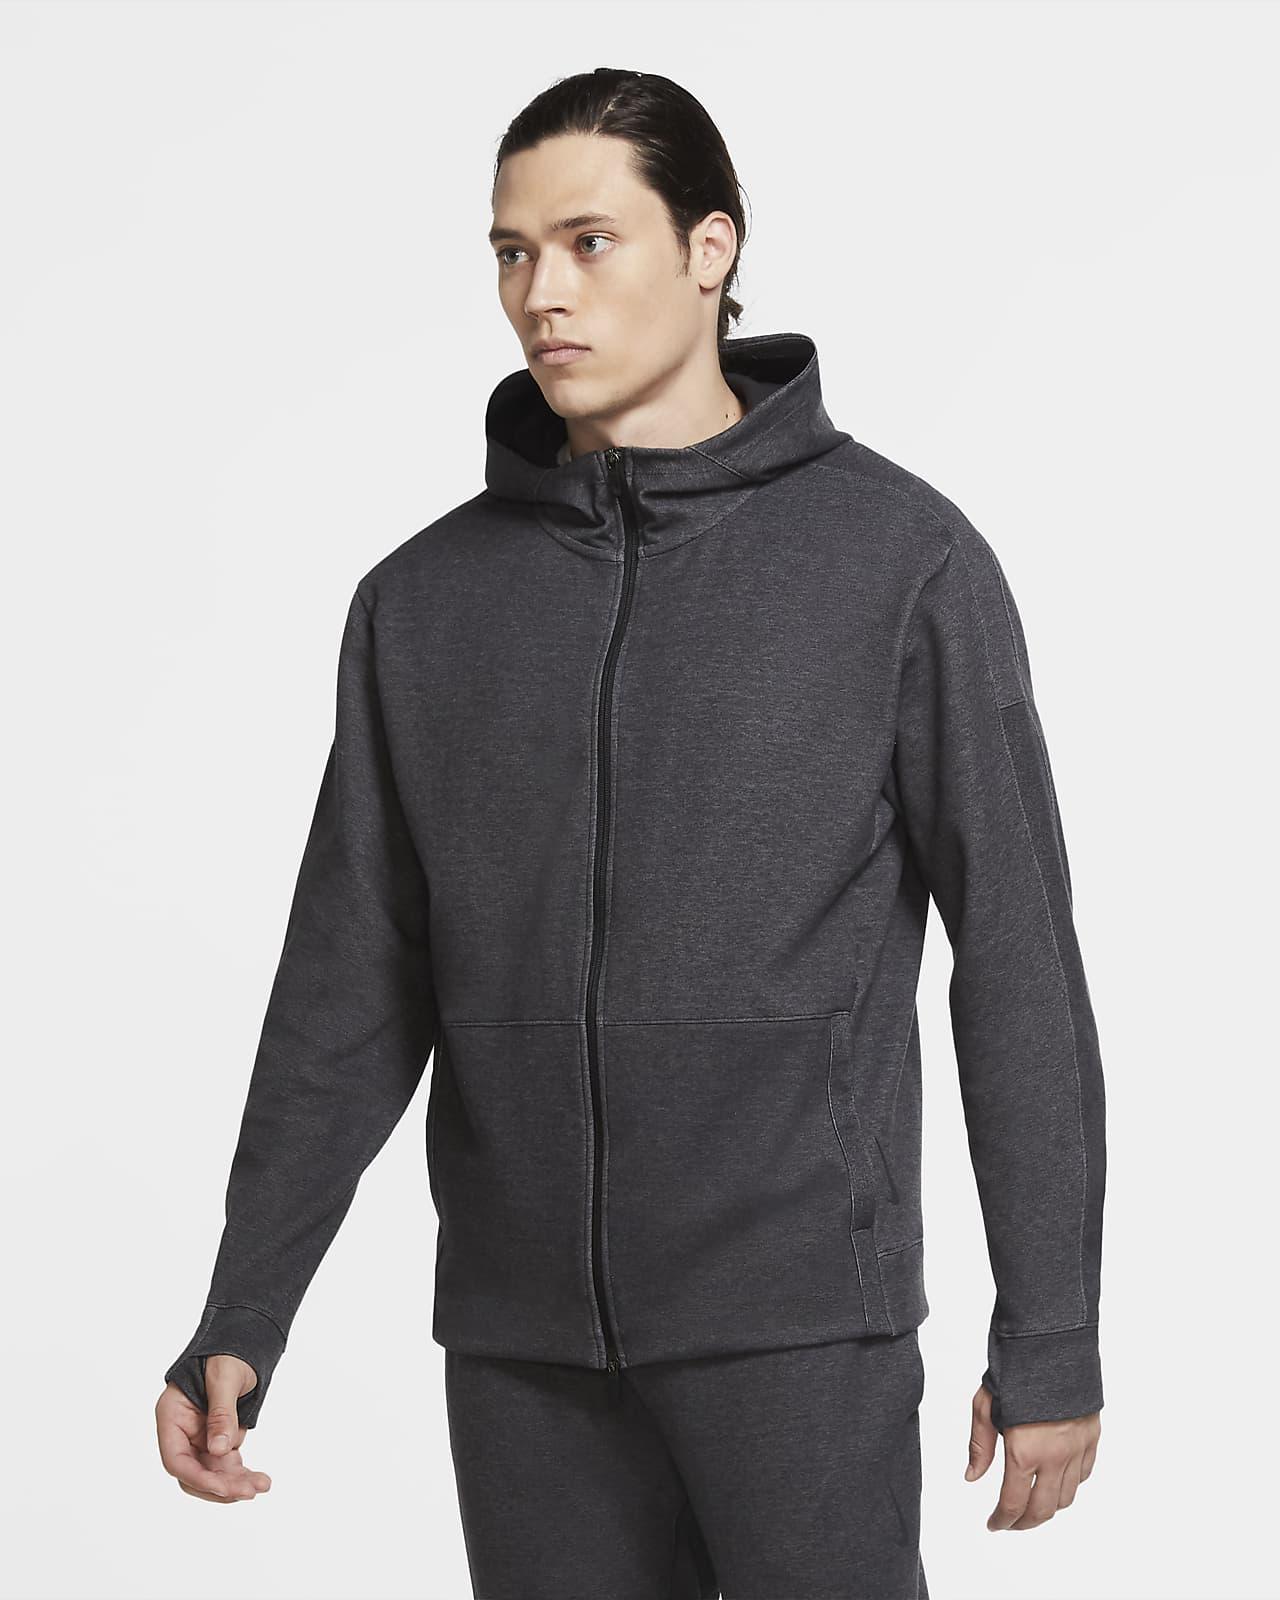 Sudadera con capucha de cierre completo para hombre Nike Yoga